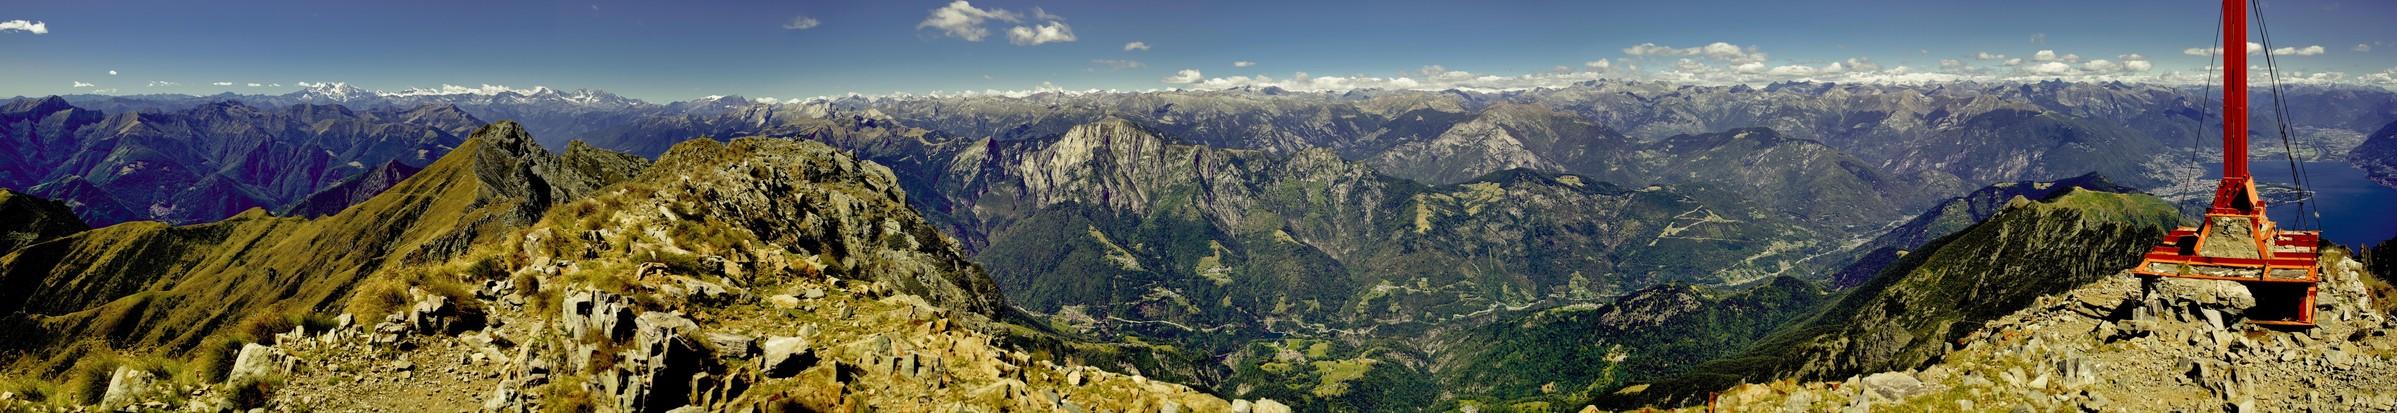 Monte Gridone Panorama by engel001 in Regular Member Gallery